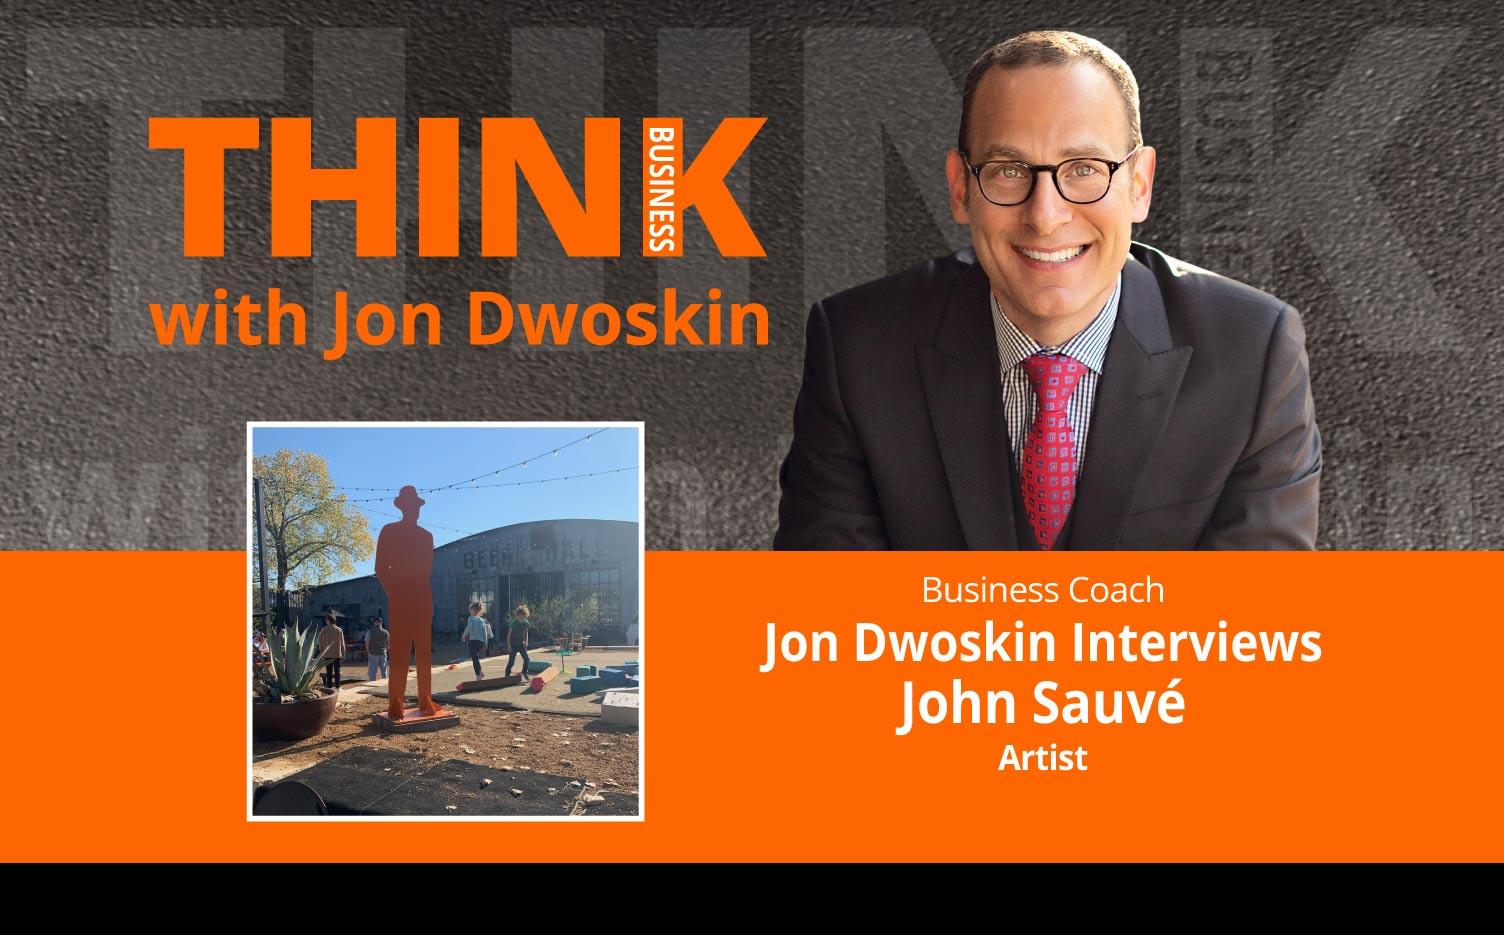 THINK Business Podcast: Jon Dwoskin Interviews John Sauvé, Artist